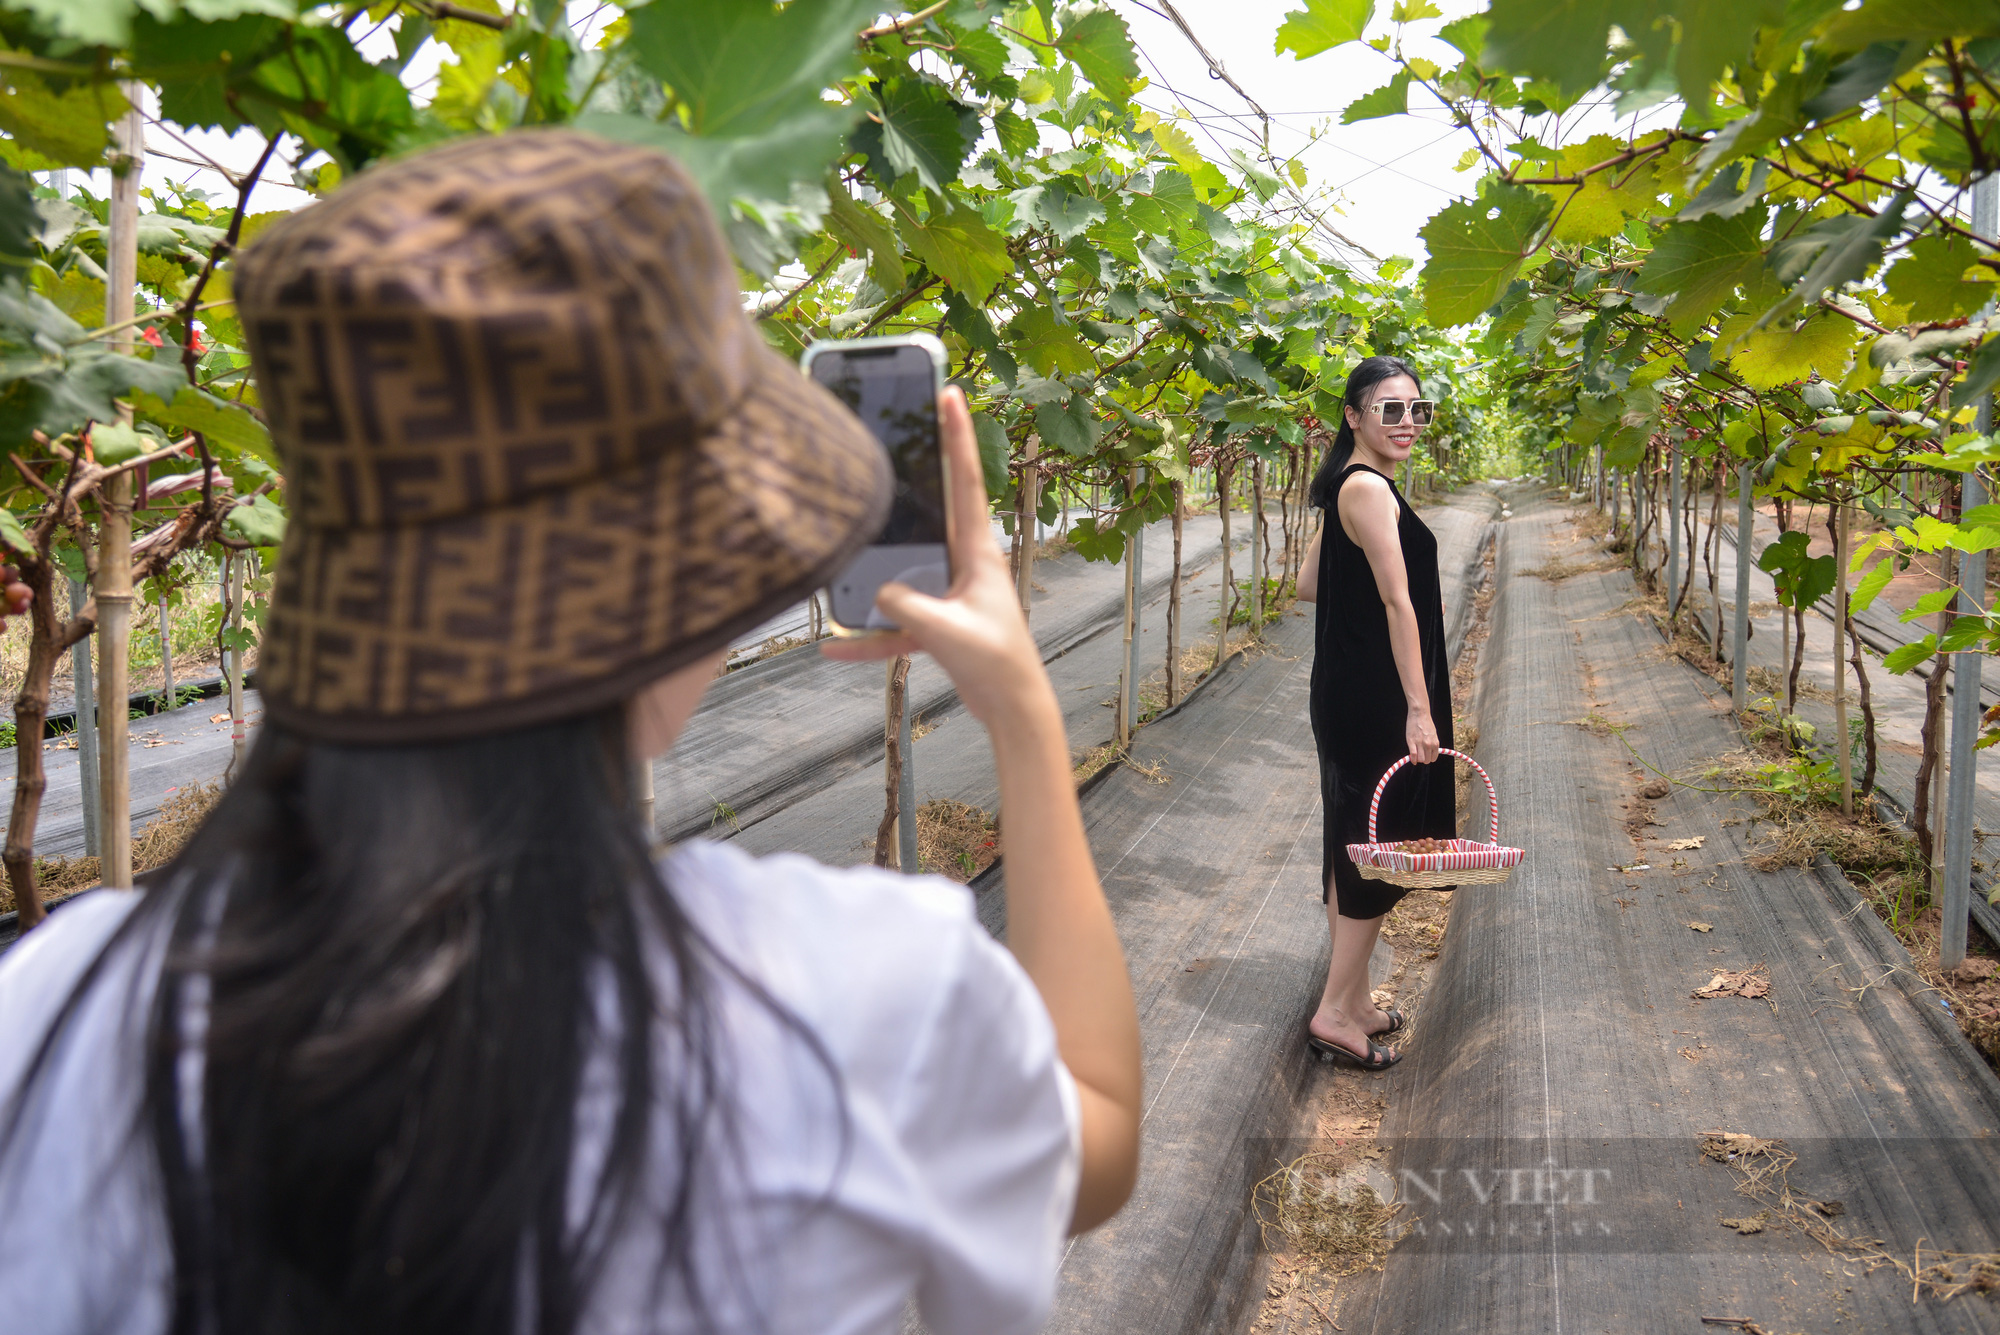 Nông trại nho giữa lòng Hà Nội thu hút giới trẻ tham quan, trải nghiệm - Ảnh 10.